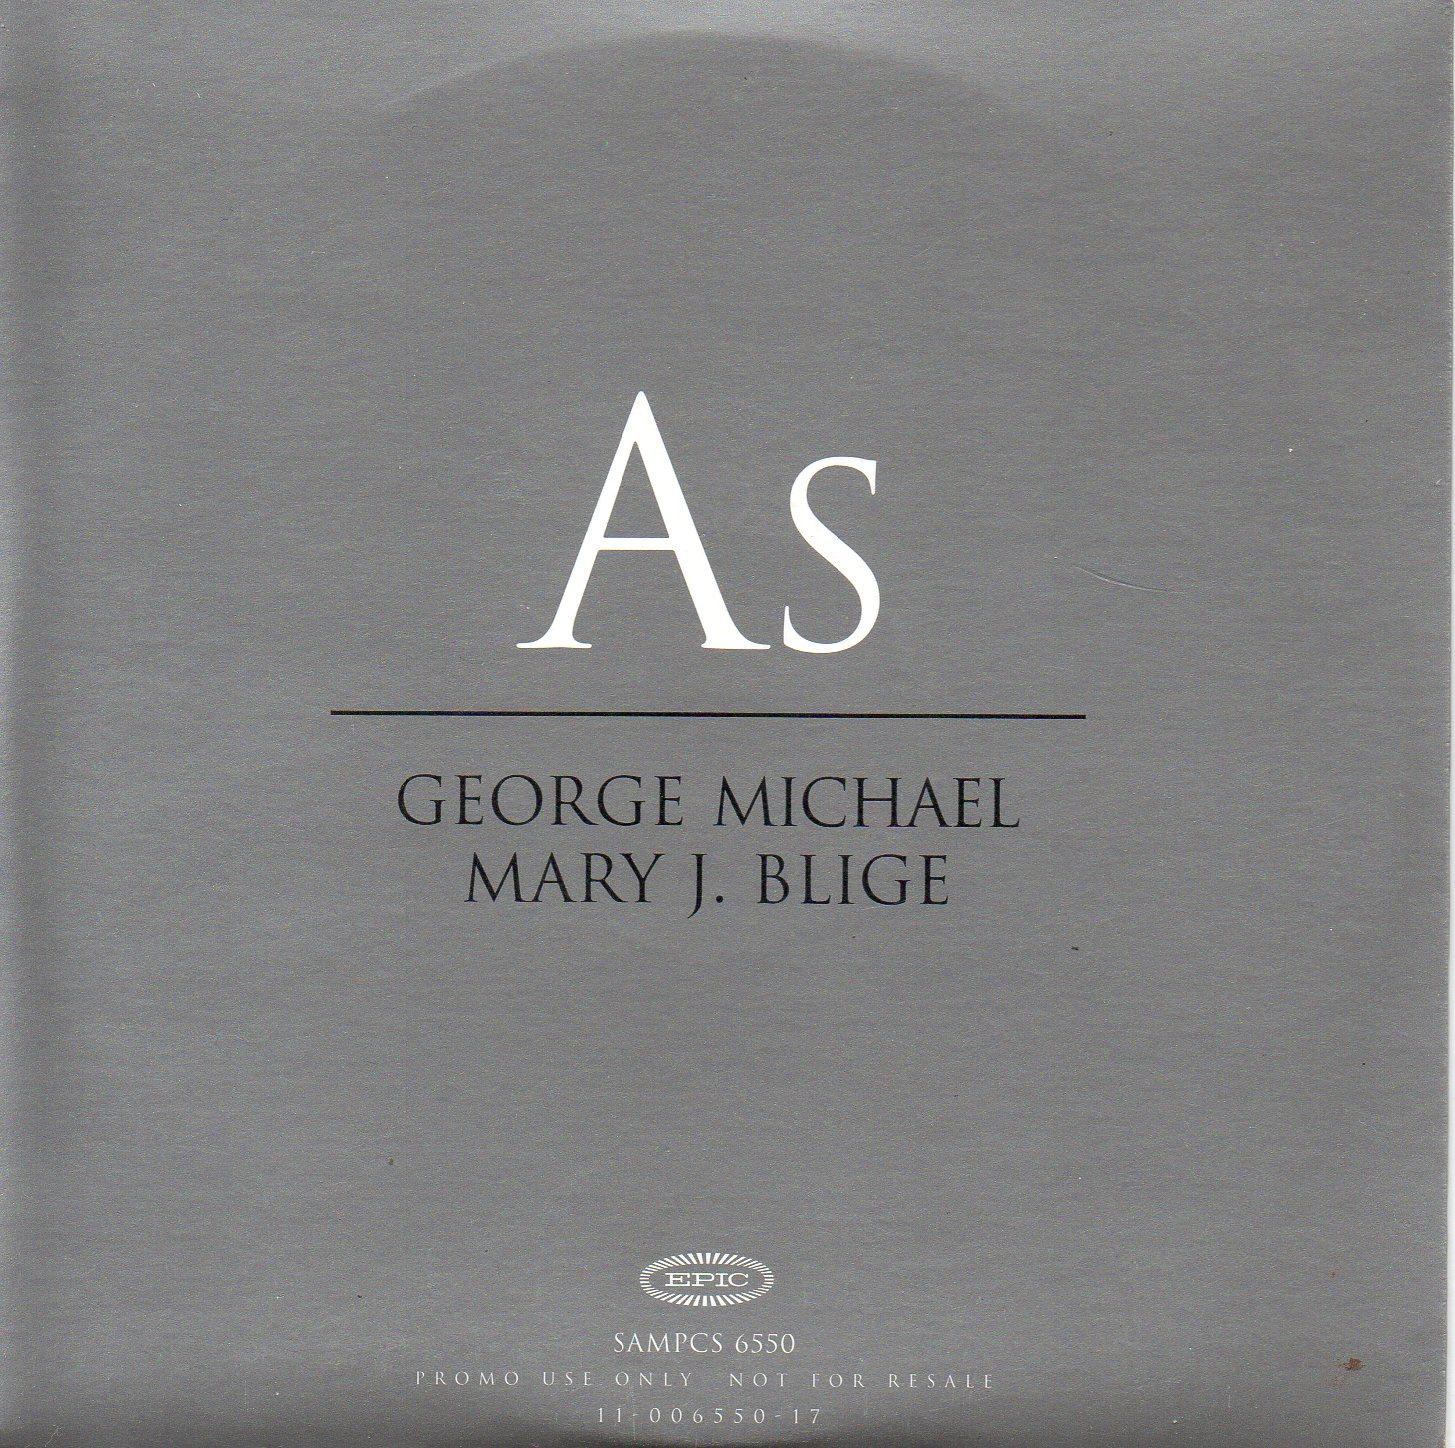 16. George Michael with Mary J. Blige: As. Das Stevie-Wonder-Stück wird im Duett zwischen Mann und Frau eine Art Tauziehen: